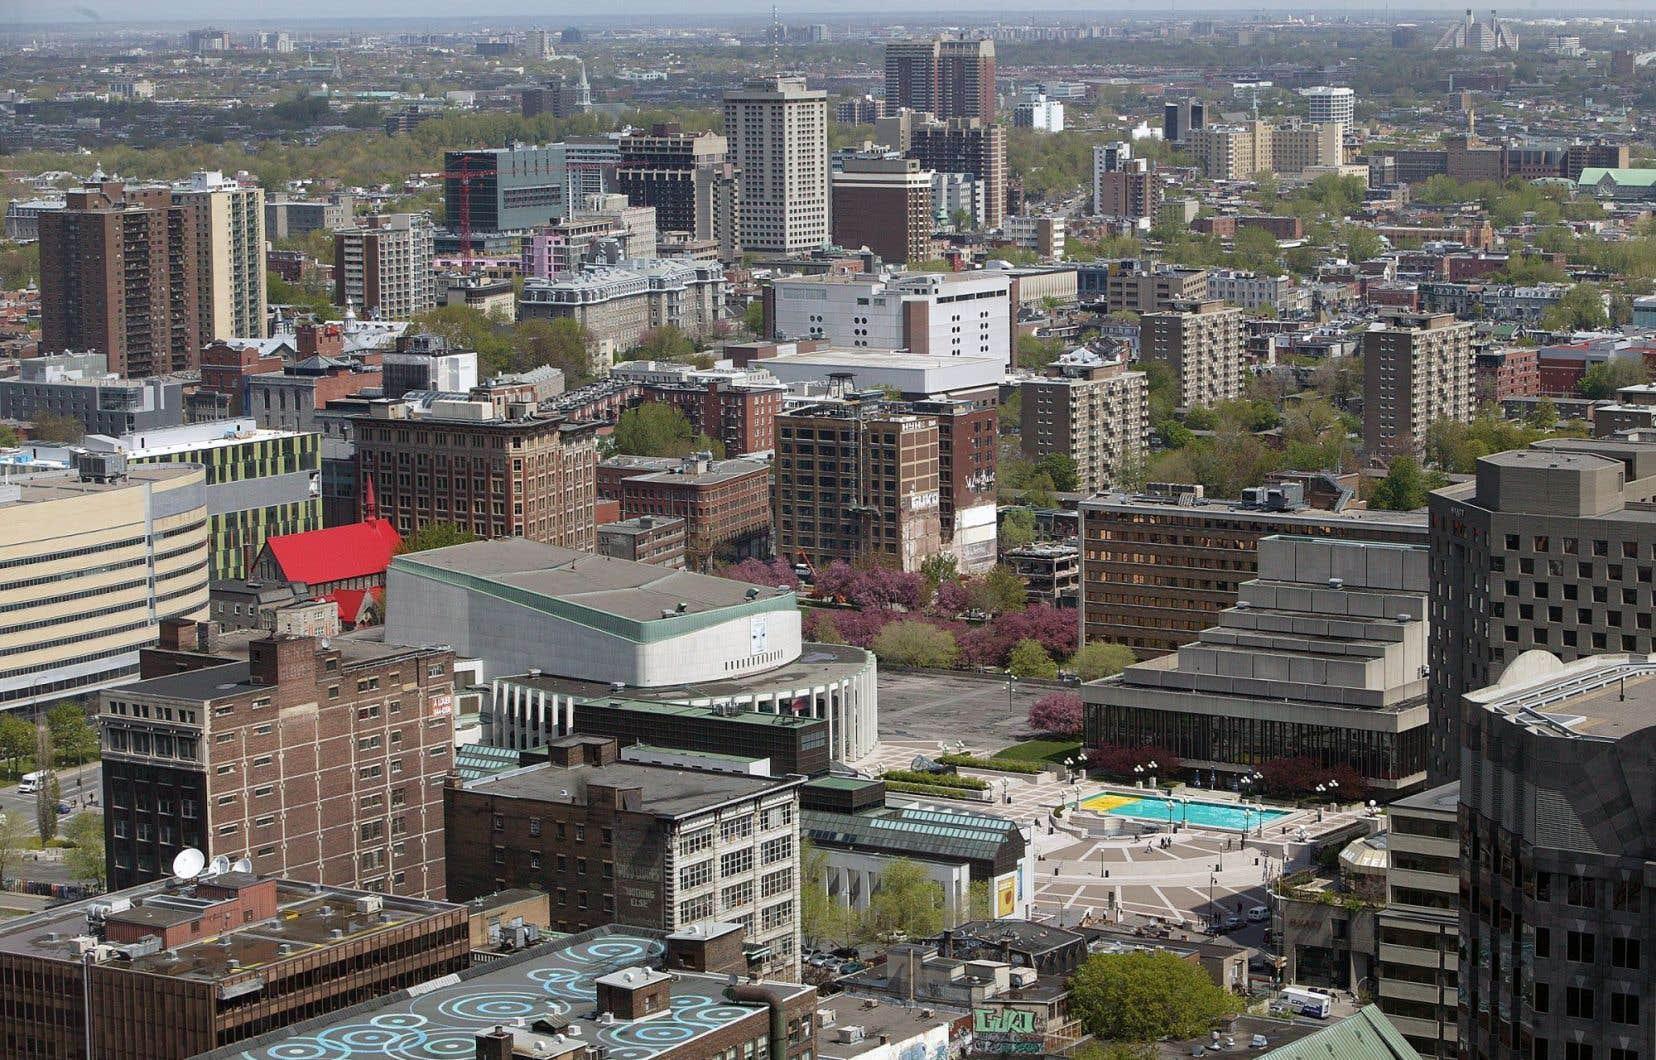 Depuis quelques années, plusieurs événements ont contribué à entamer une réflexion sur les moyens d'augmenter l'investissement privé, tel le forum Arts-affaires de Montréal, tenu en 2013.